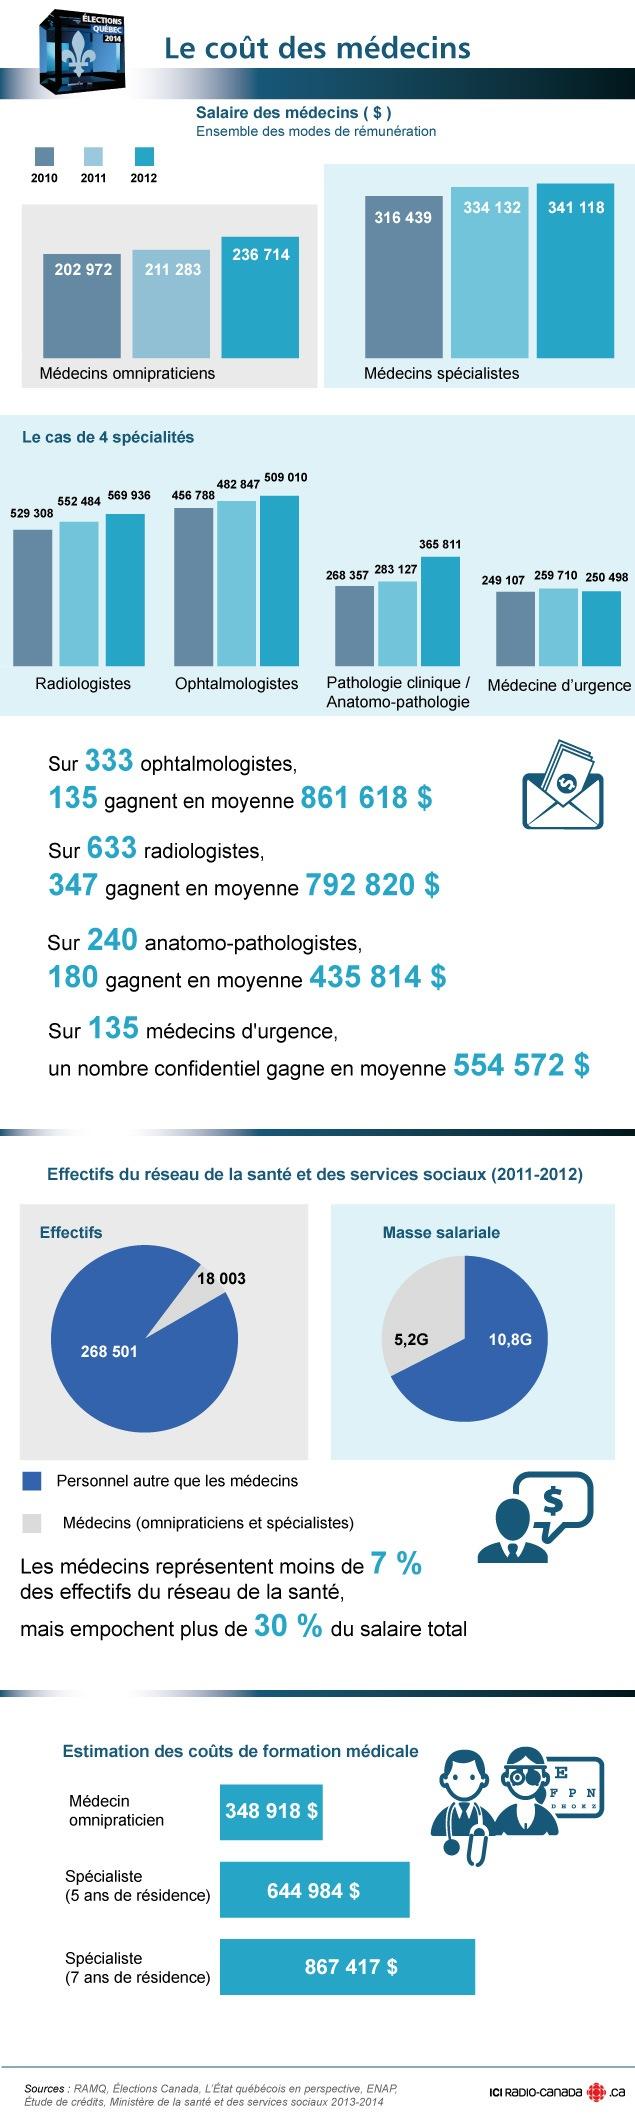 Le coût des médecins